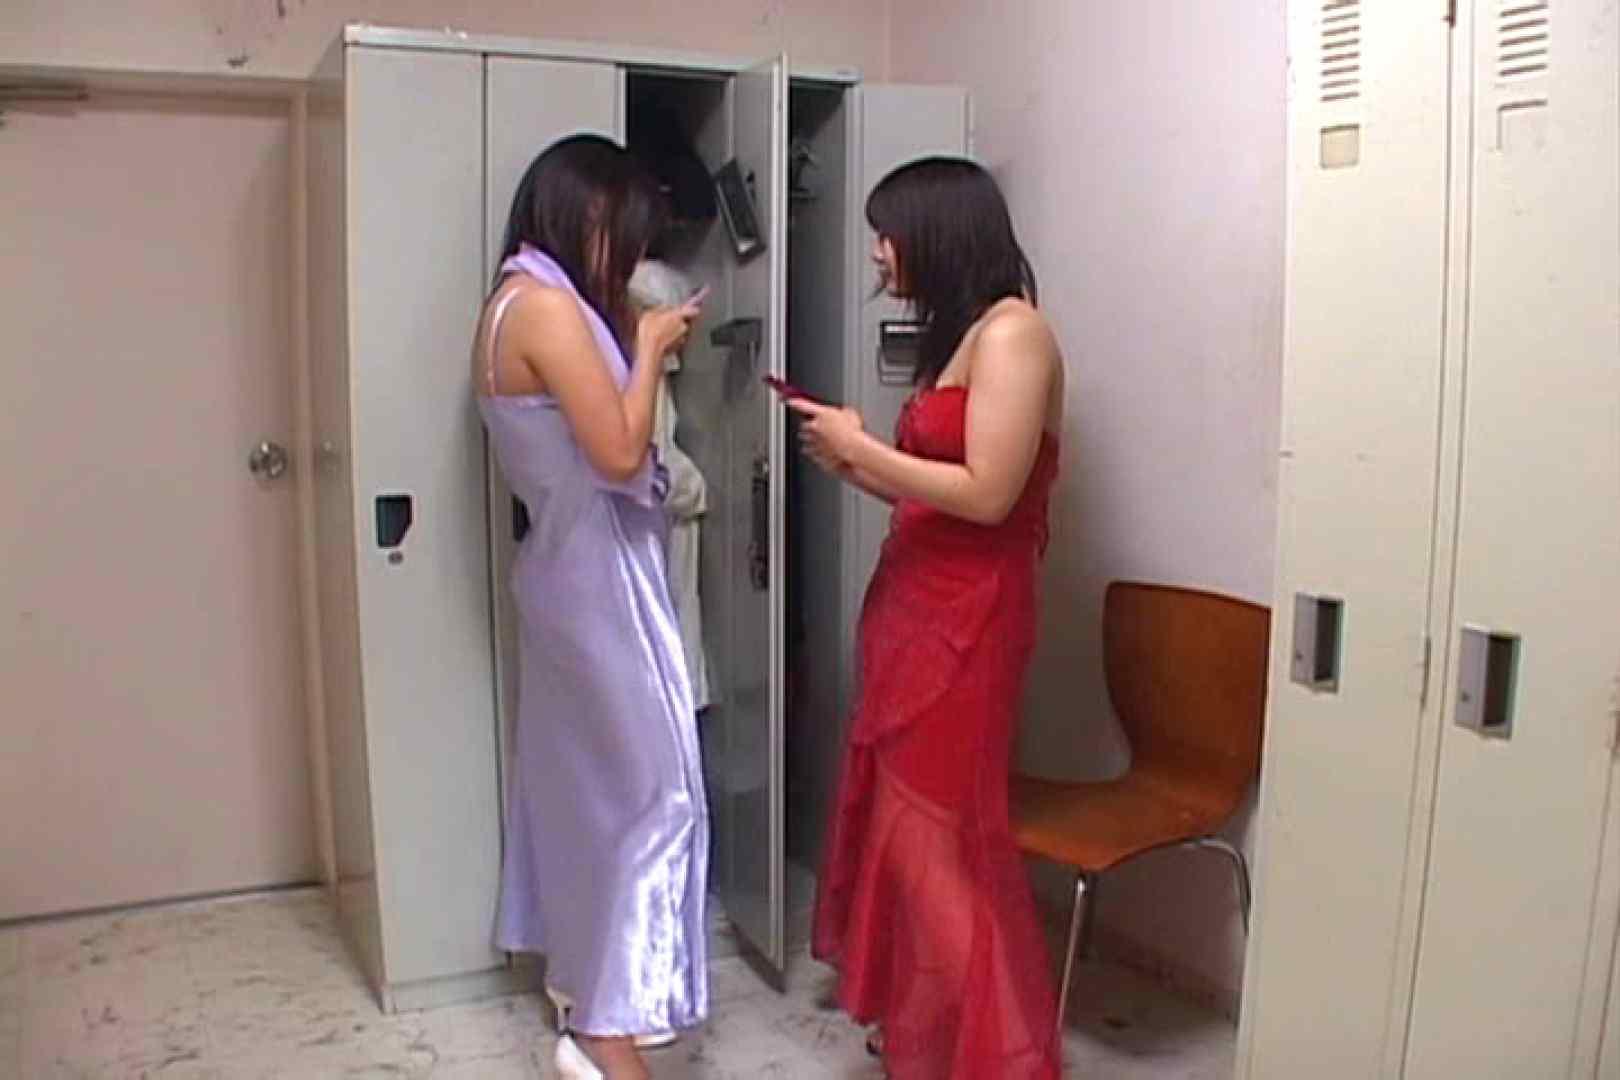 キャバ嬢舞台裏Vol.6 キャバ嬢丸裸 のぞき動画画像 96pic 55